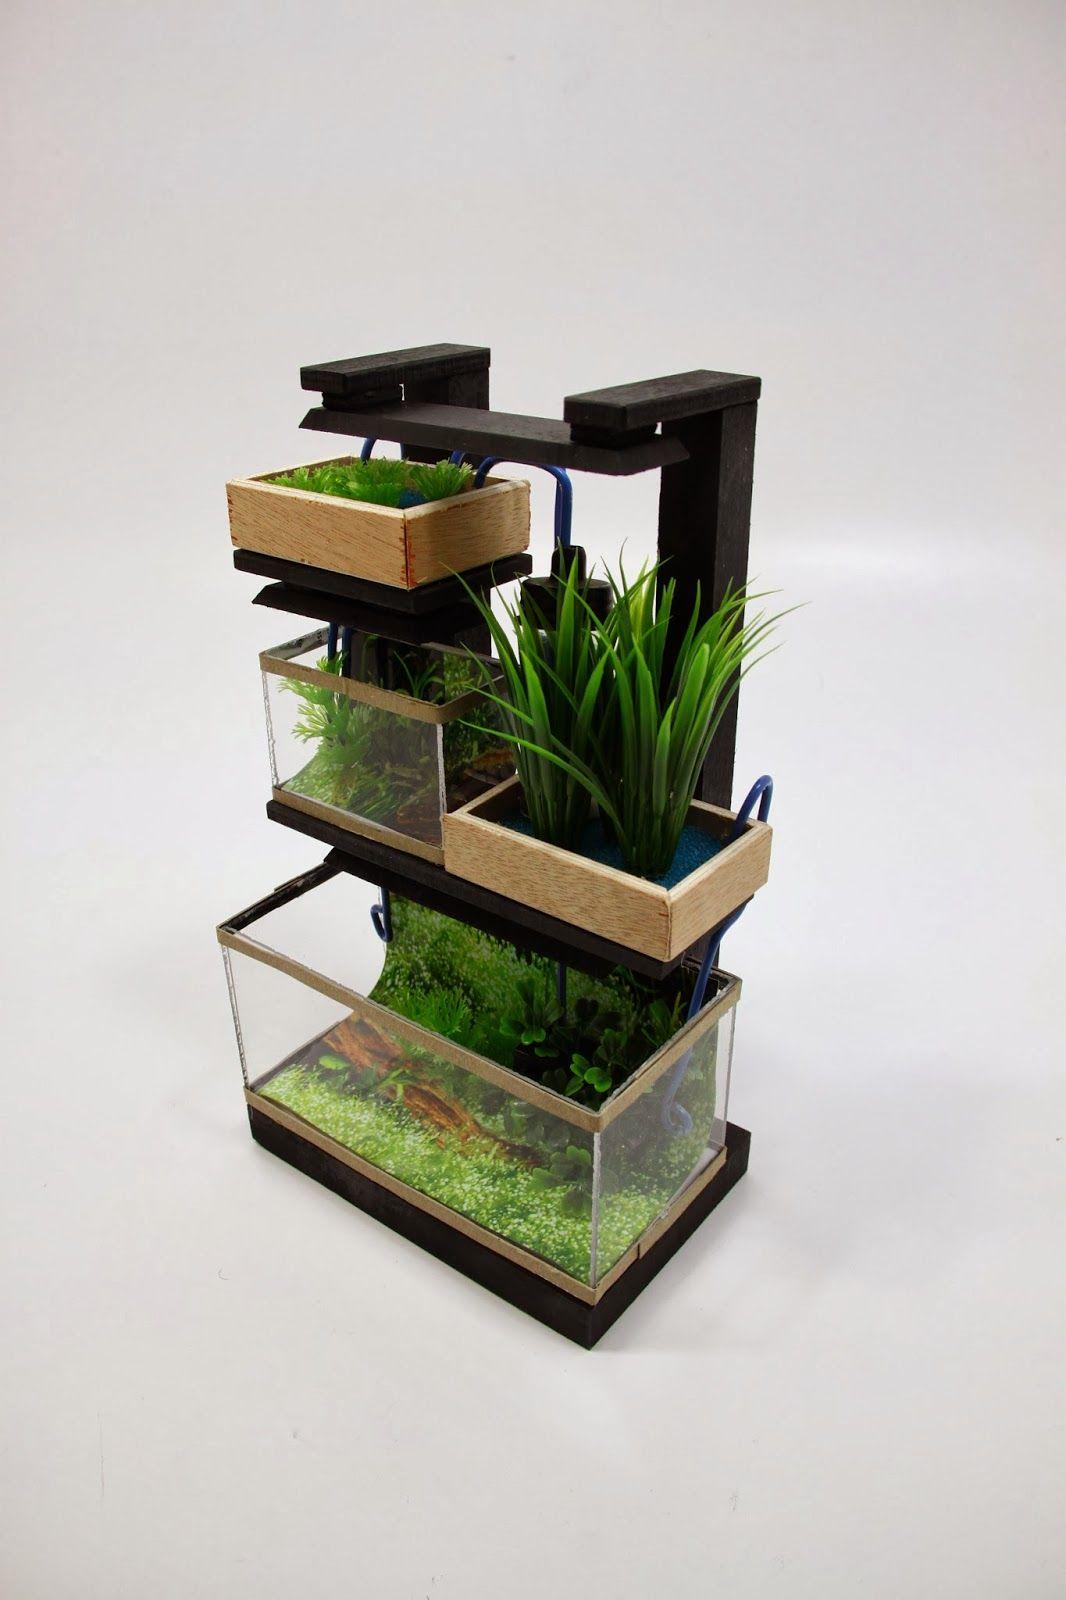 Aquarium aquaponics is hydroponics plus aquaponics for Hydroponics fish tank